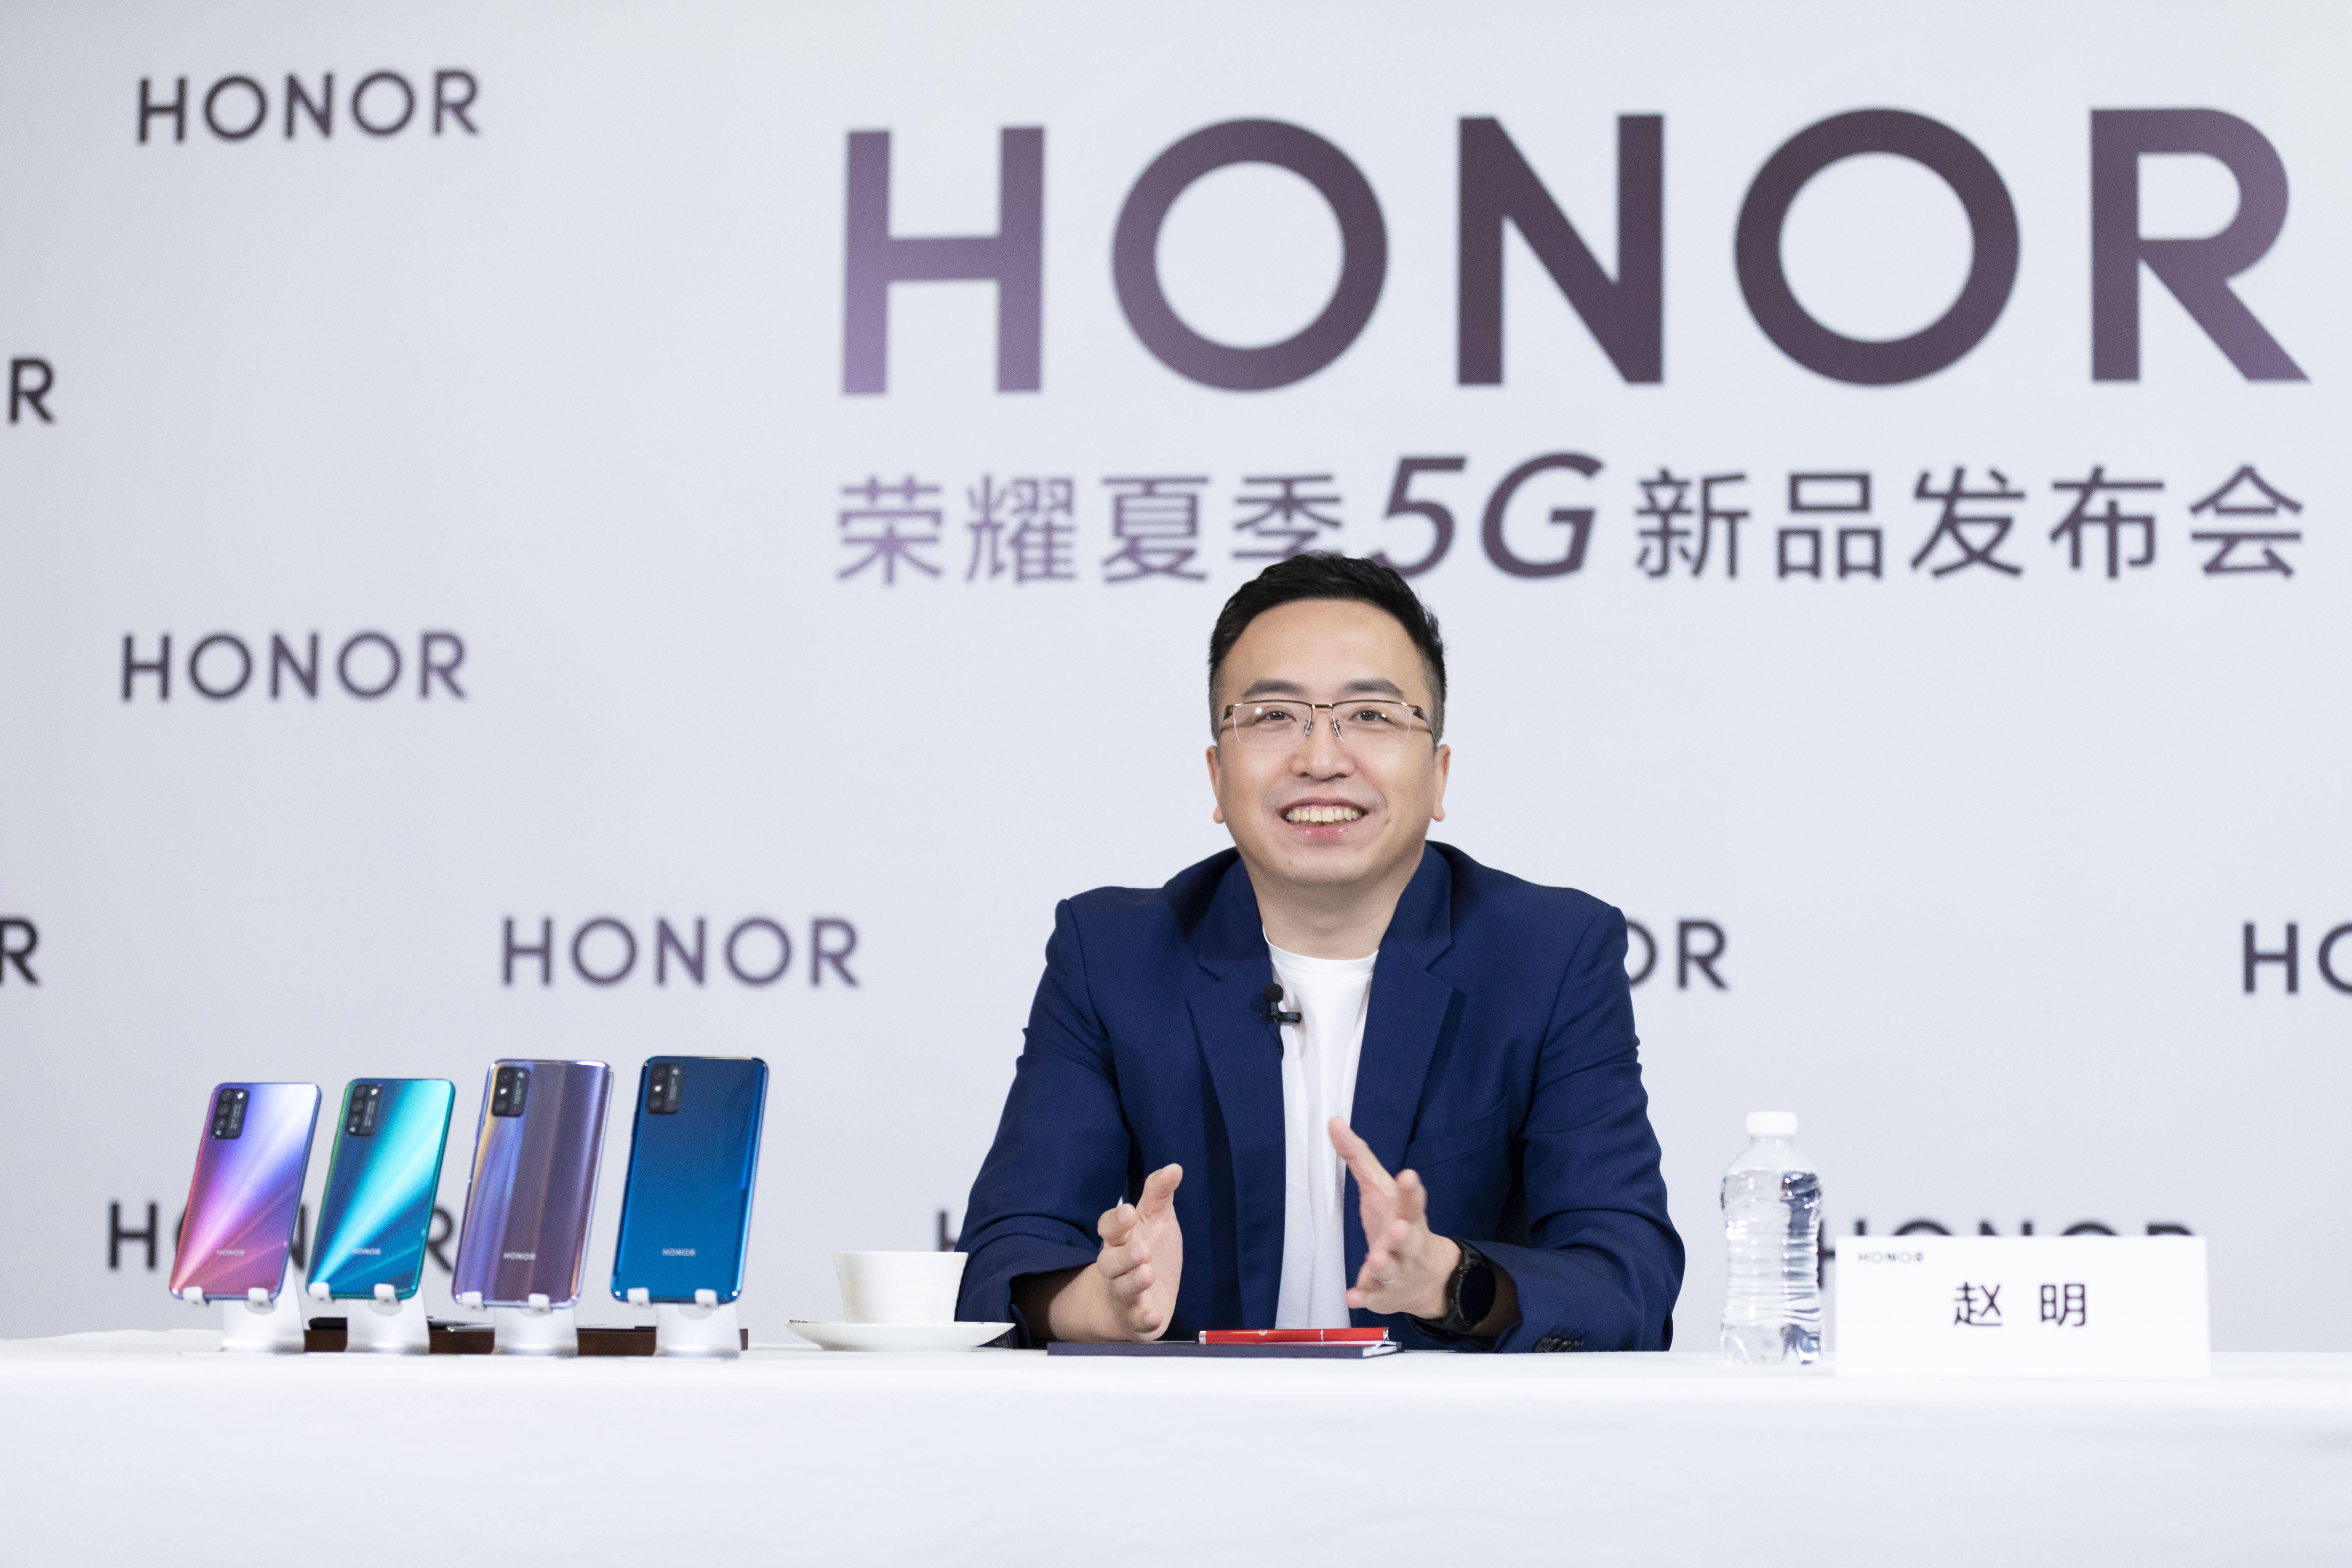 专访荣耀赵明:5G产品出货量占比超一半,继续加速5G产品普及